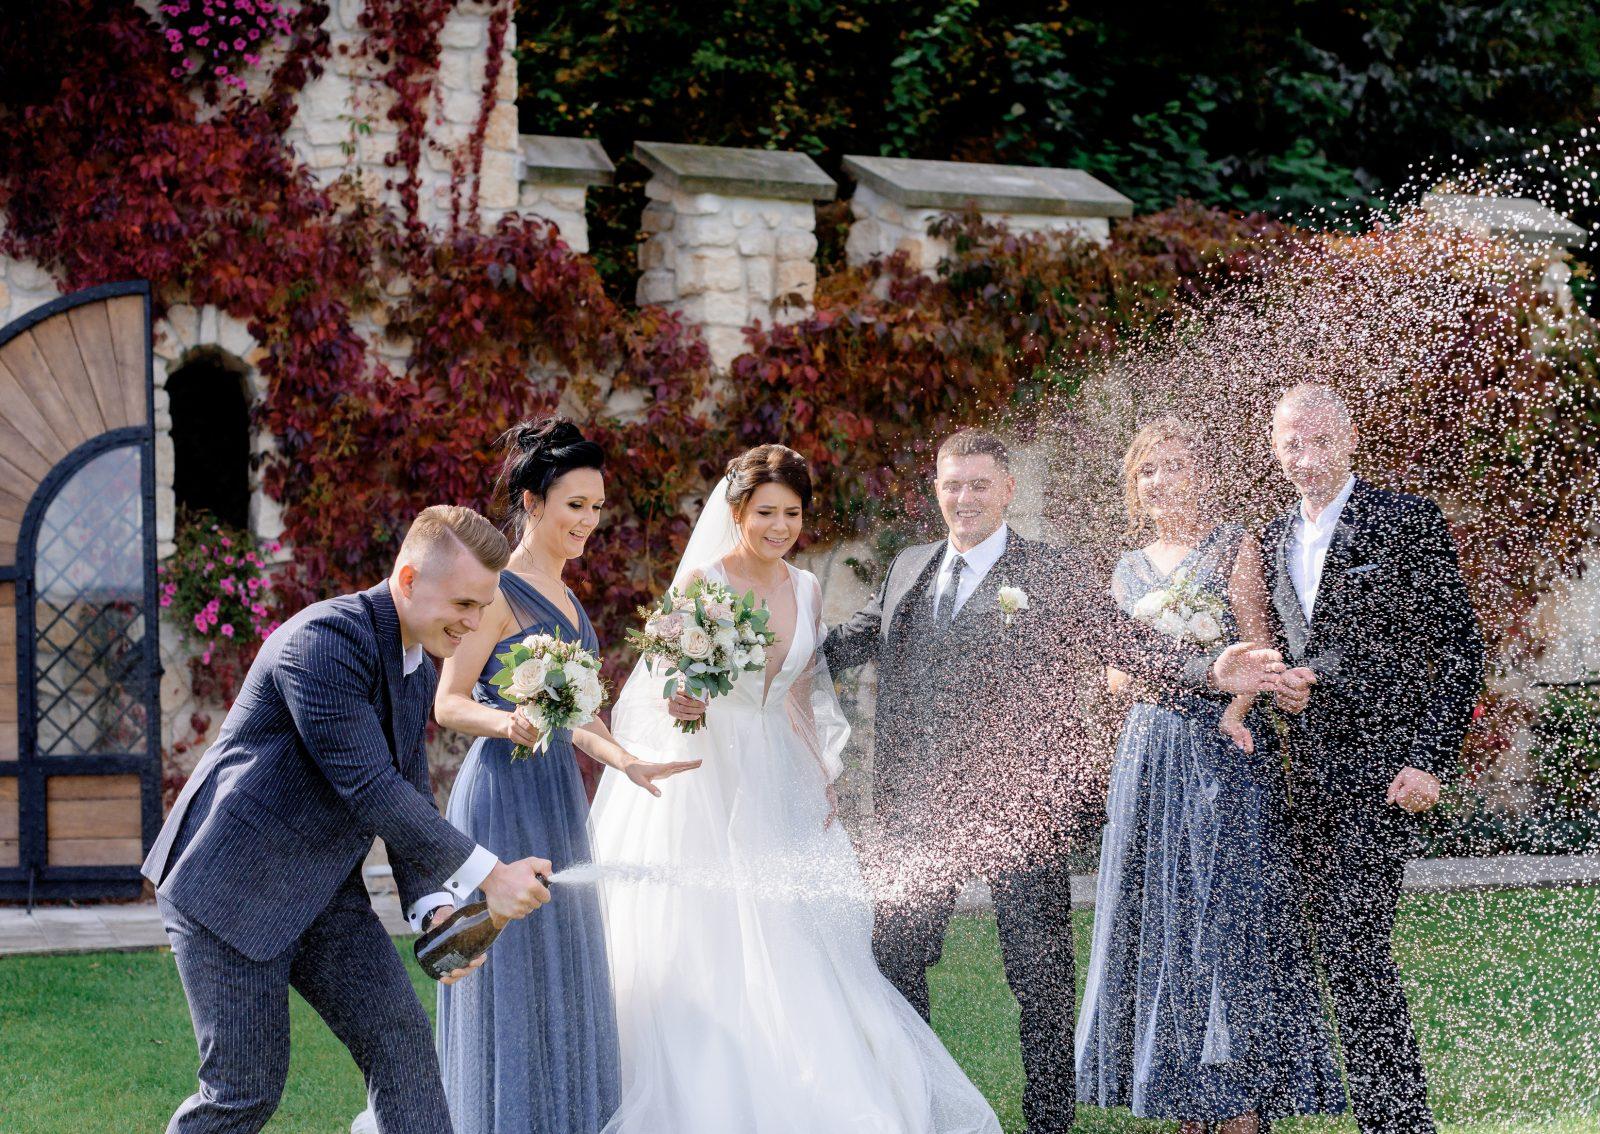 In questa foto una coppia di sposi festeggia con alcuni degli invitati al matrimonio